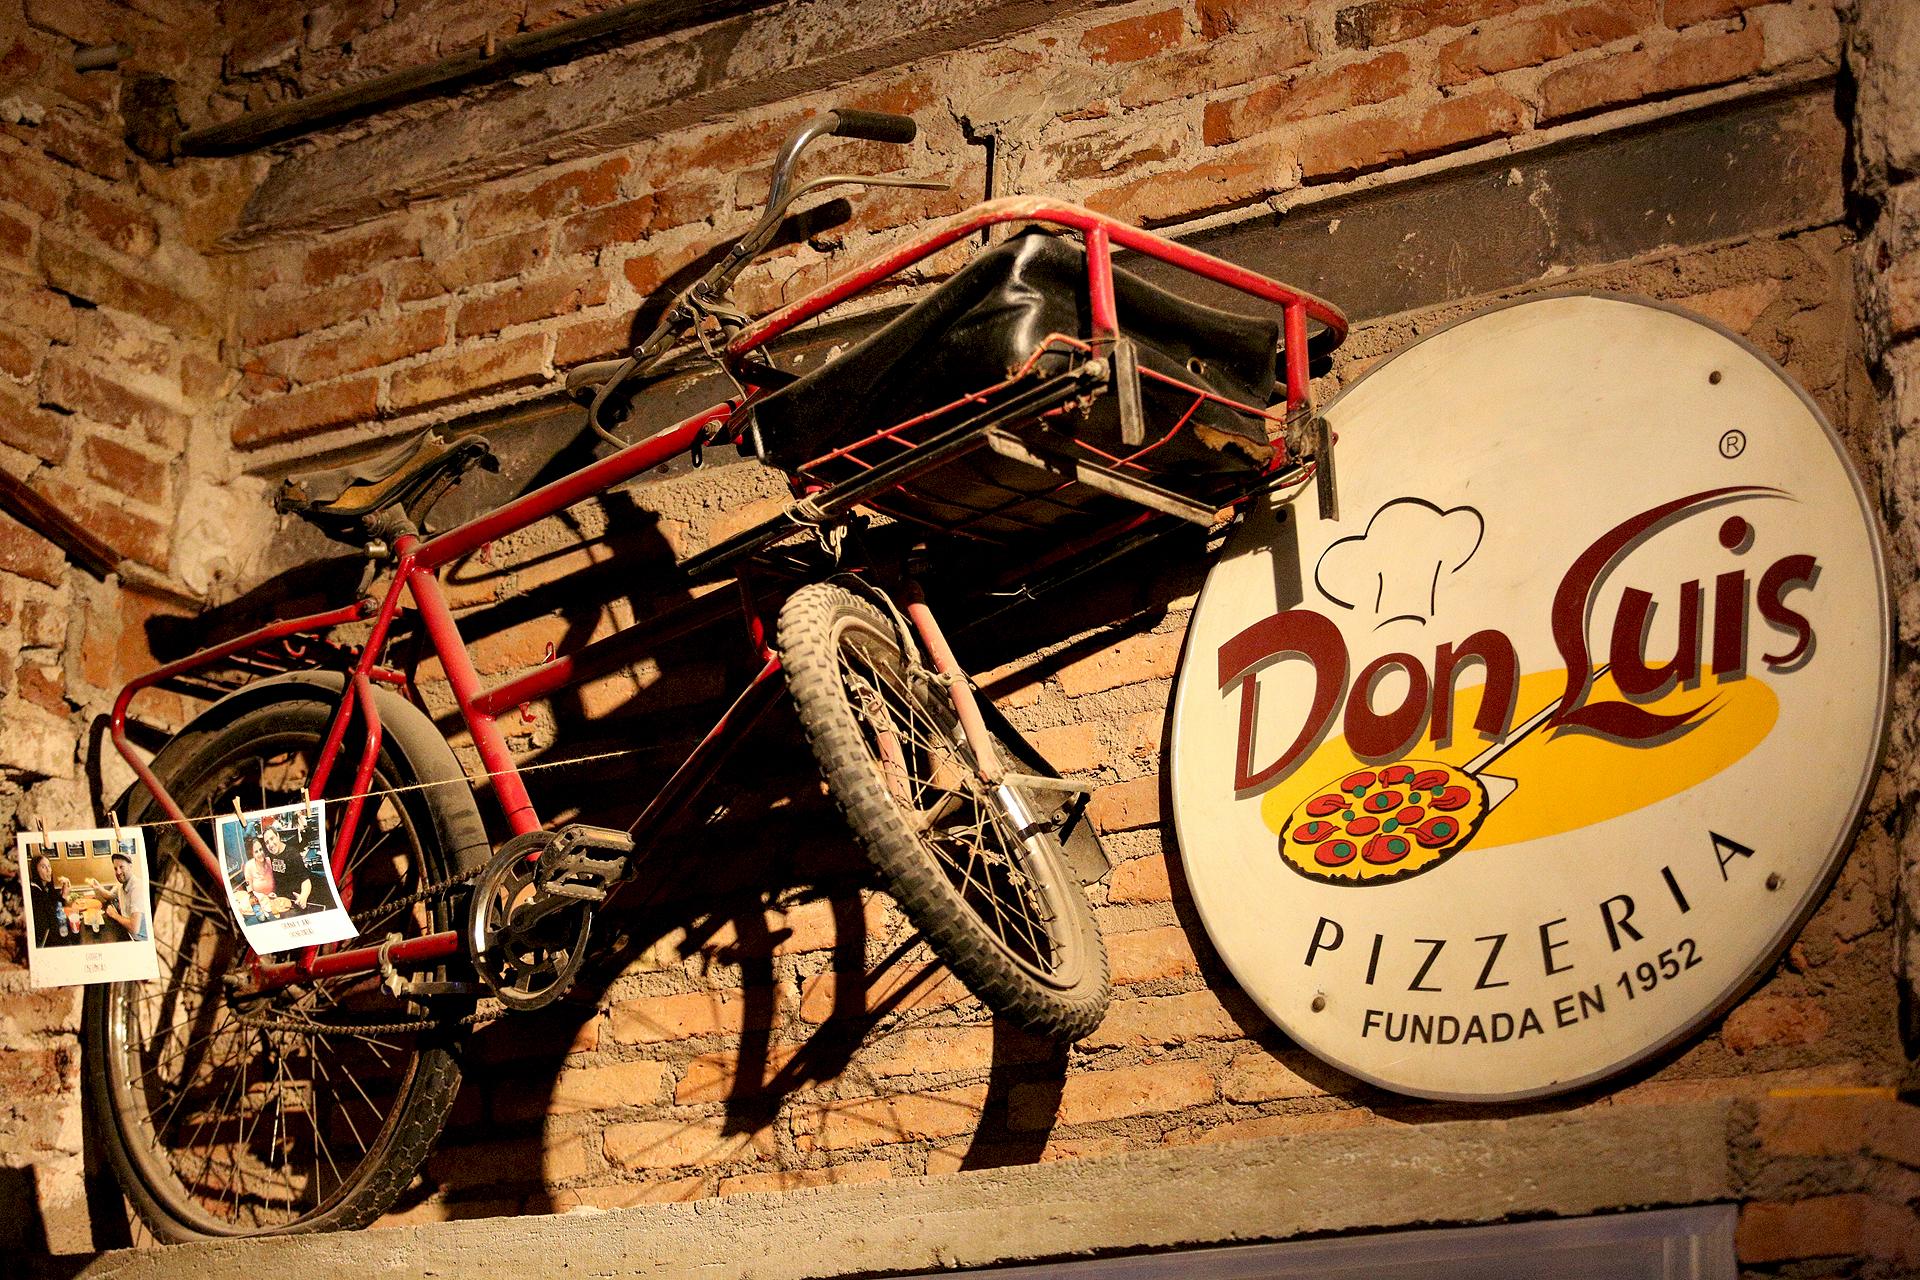 Fundado en 1952, Don Luis es el primer establecimiento pizzero de Córdoba Capital